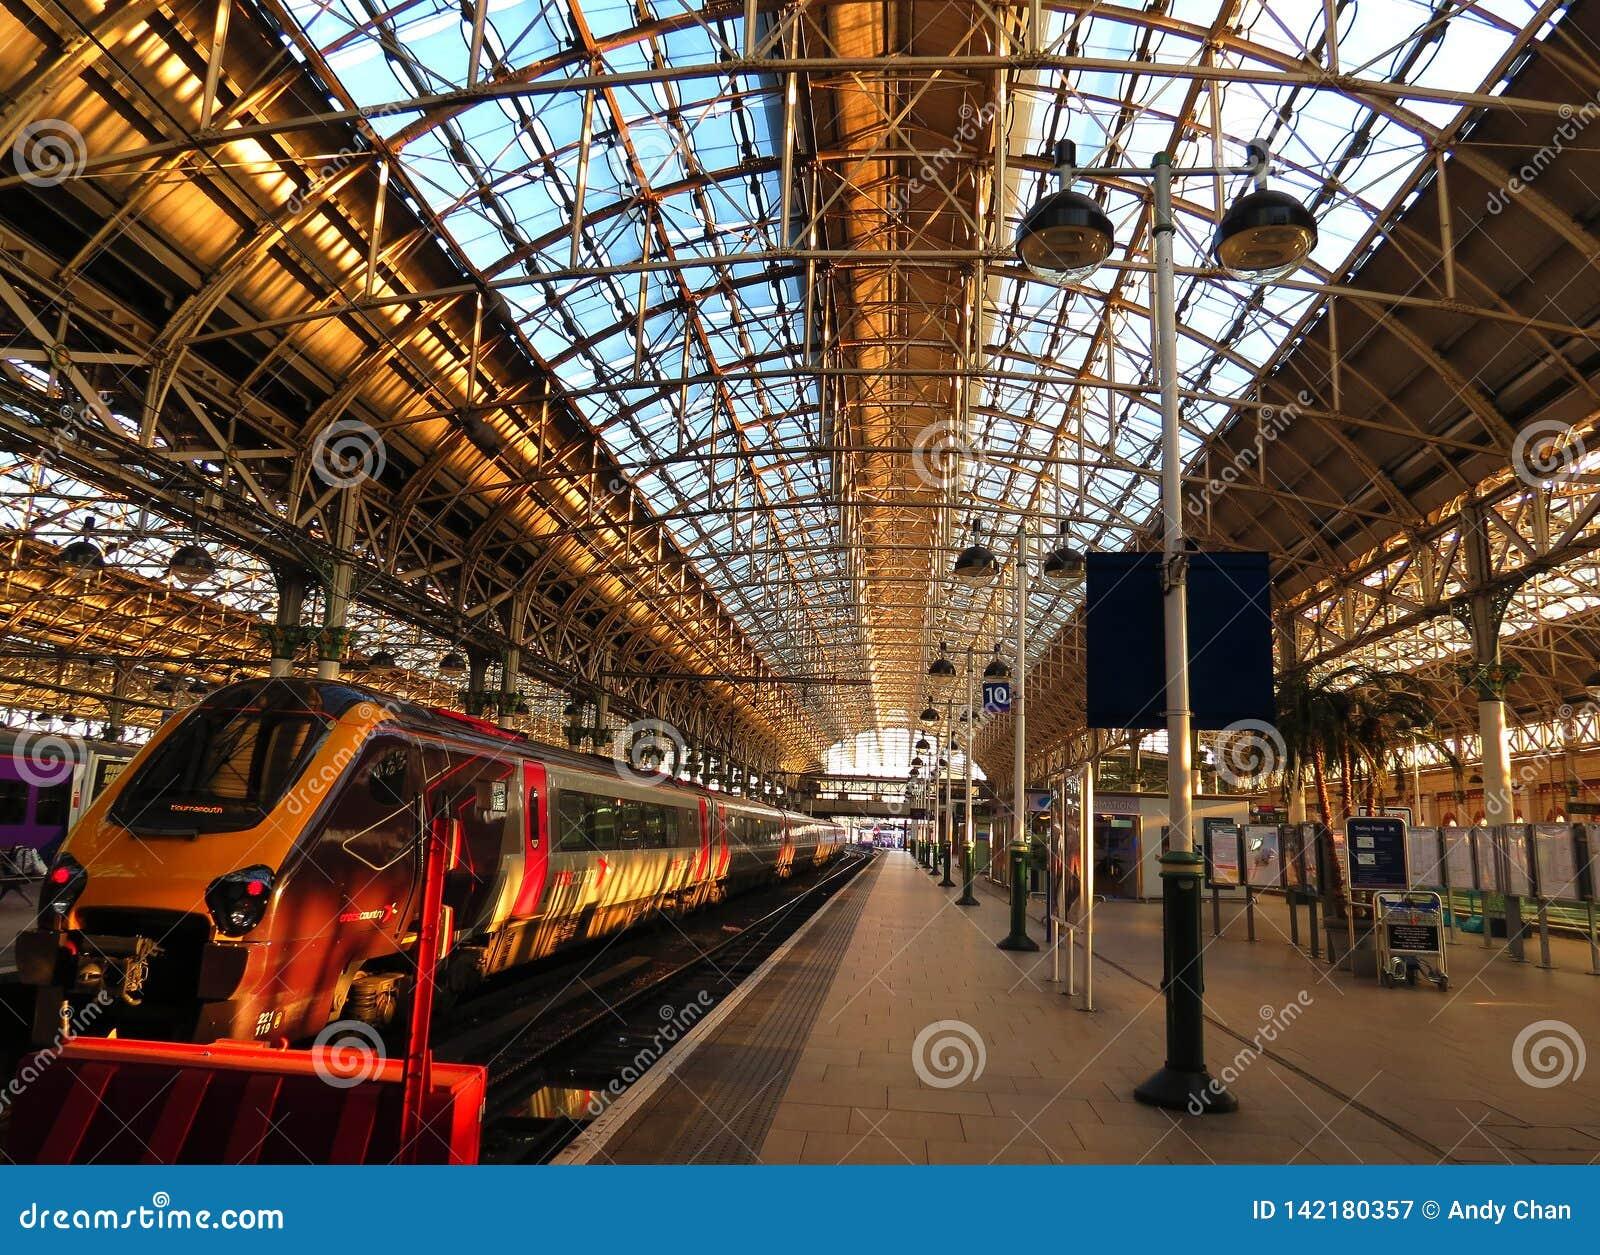 Espera para embarcar um trem rápido do Virgin entre Londres e Manchester na estação de Waterloo